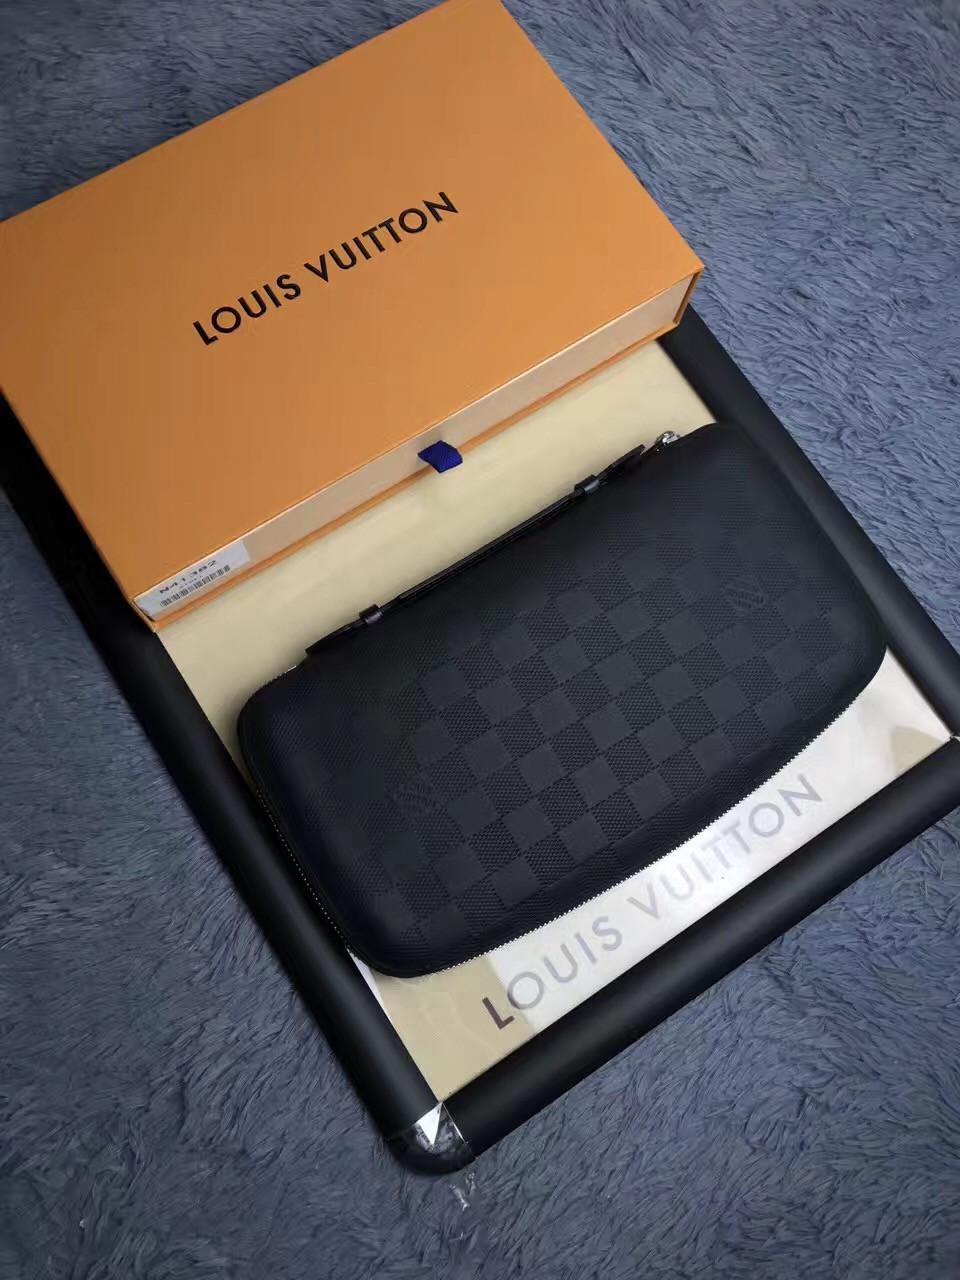 Мужской кожаный клатч Louis Vuitton   vkstore.com.ua d81c53569b8